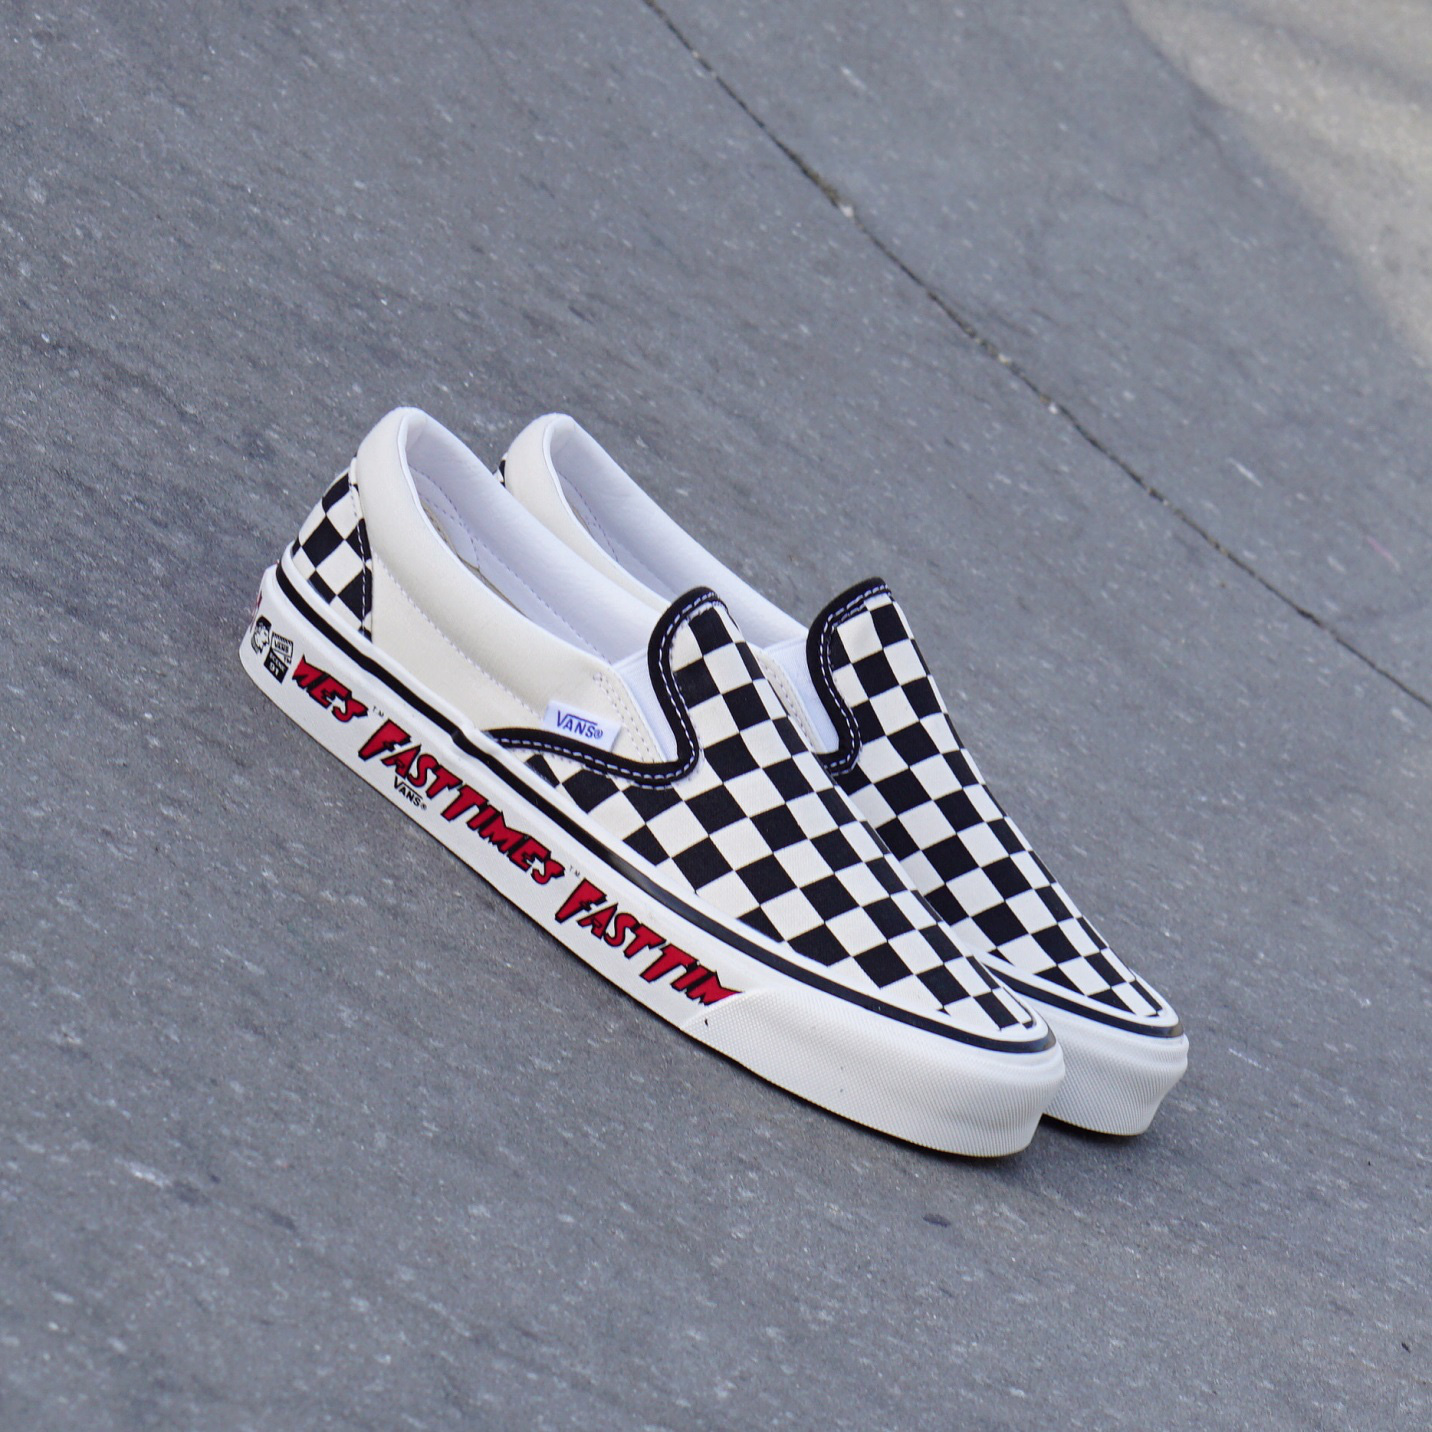 Vans x Fast Times nhắc lại màn debut kinh điển của đôi Slip-on Checkerboard những năm 80 - Ảnh 2.